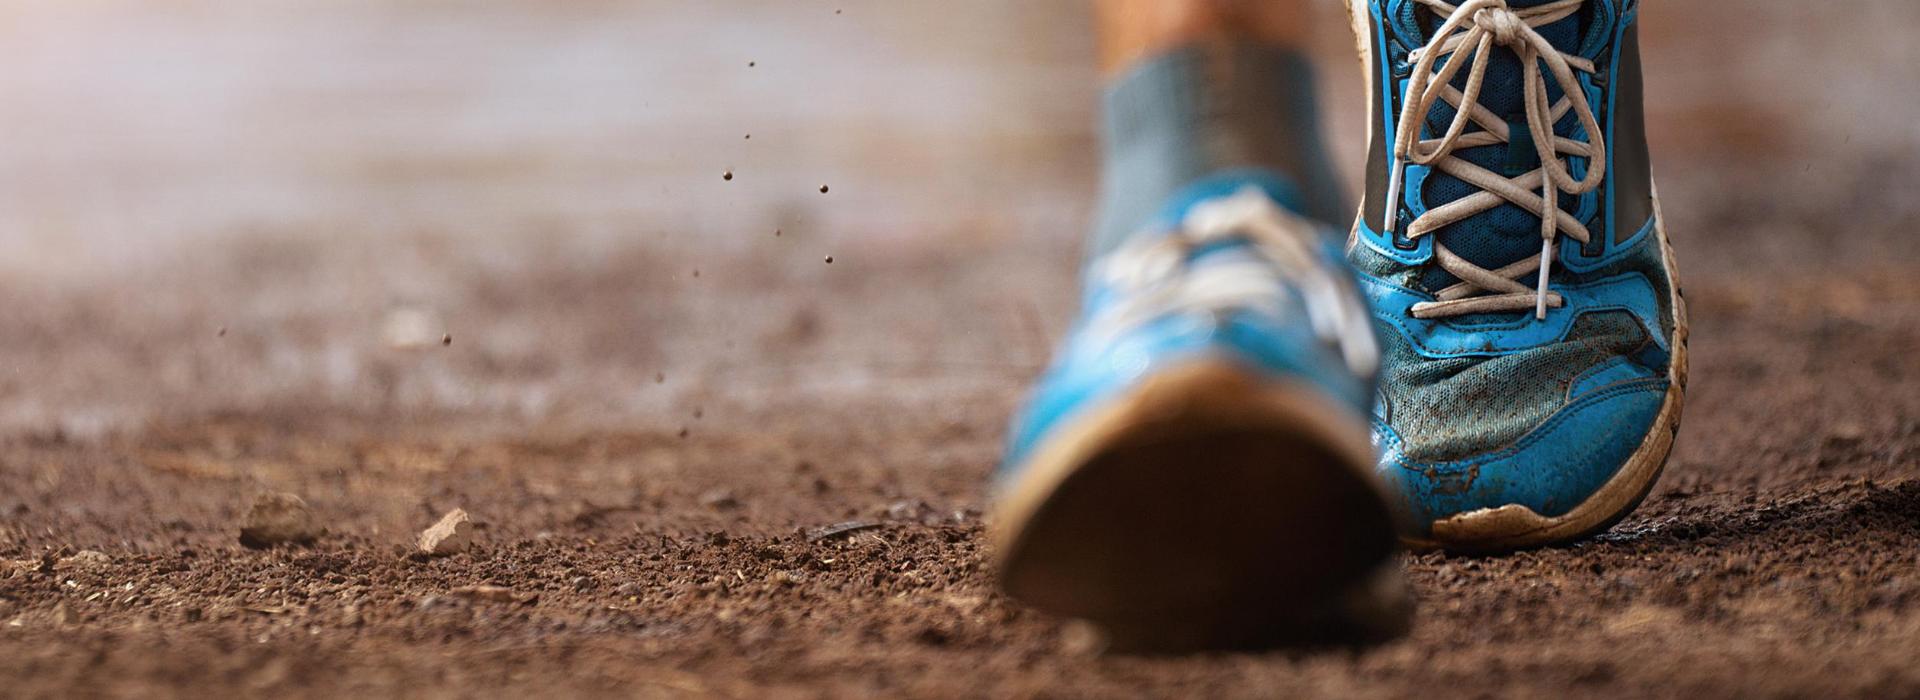 Former student, Taylor Prescott, runs 7 ultra-marathons in 7 days.